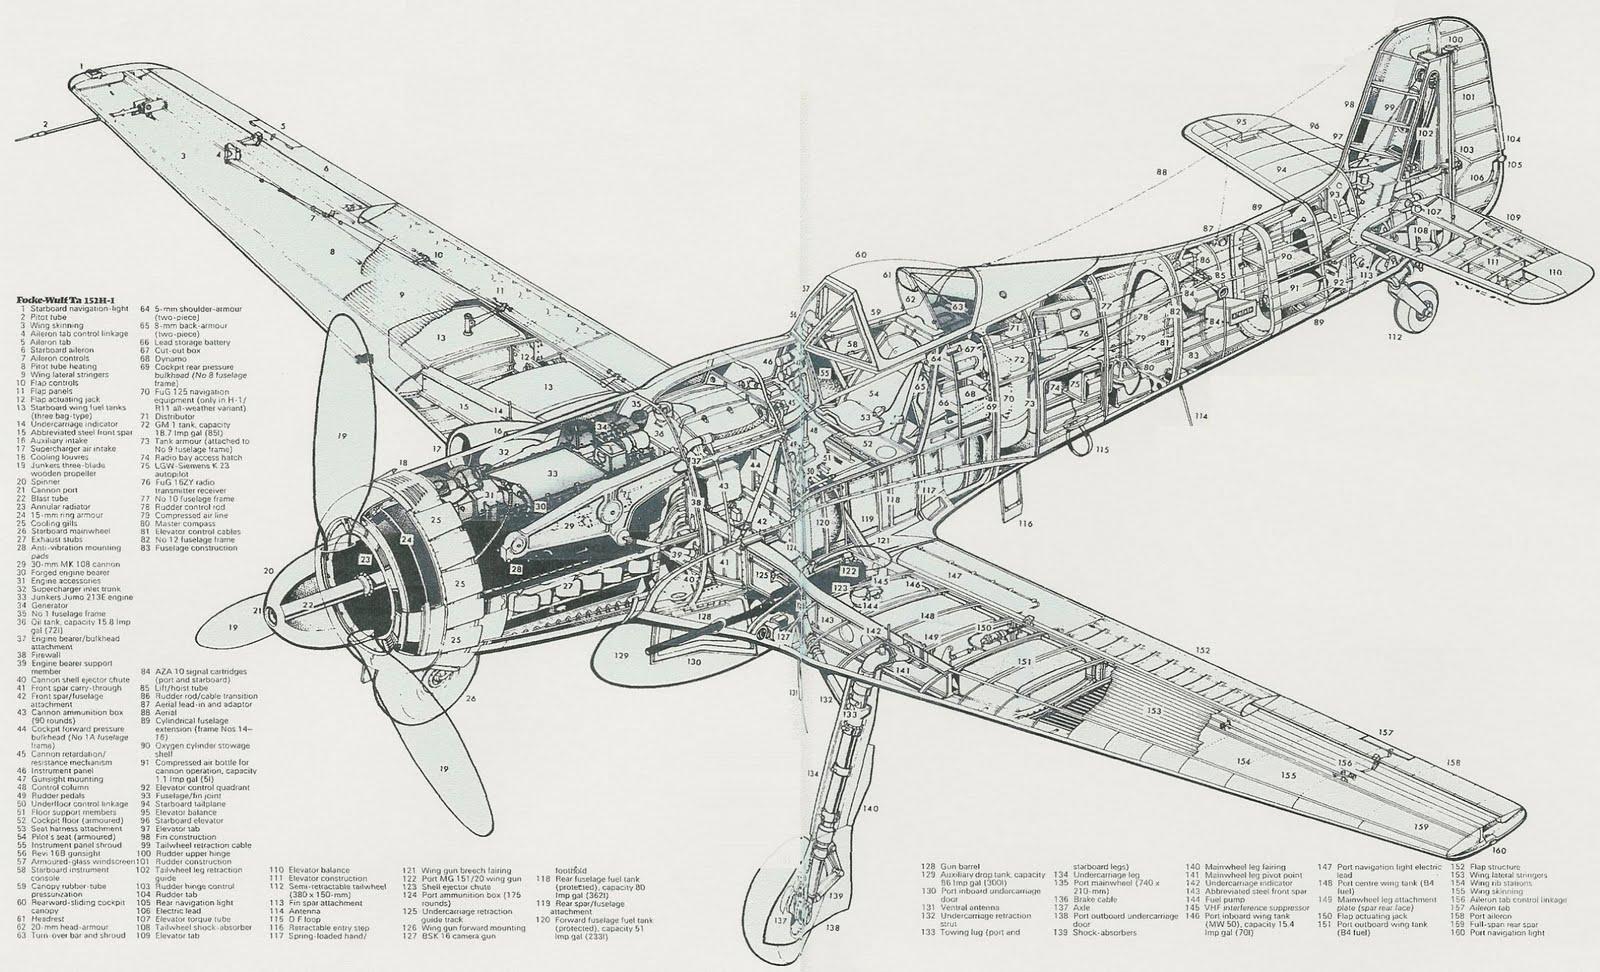 Nazi Jerman Focke Wulf Fw 190 Pesawat Tempur Yang